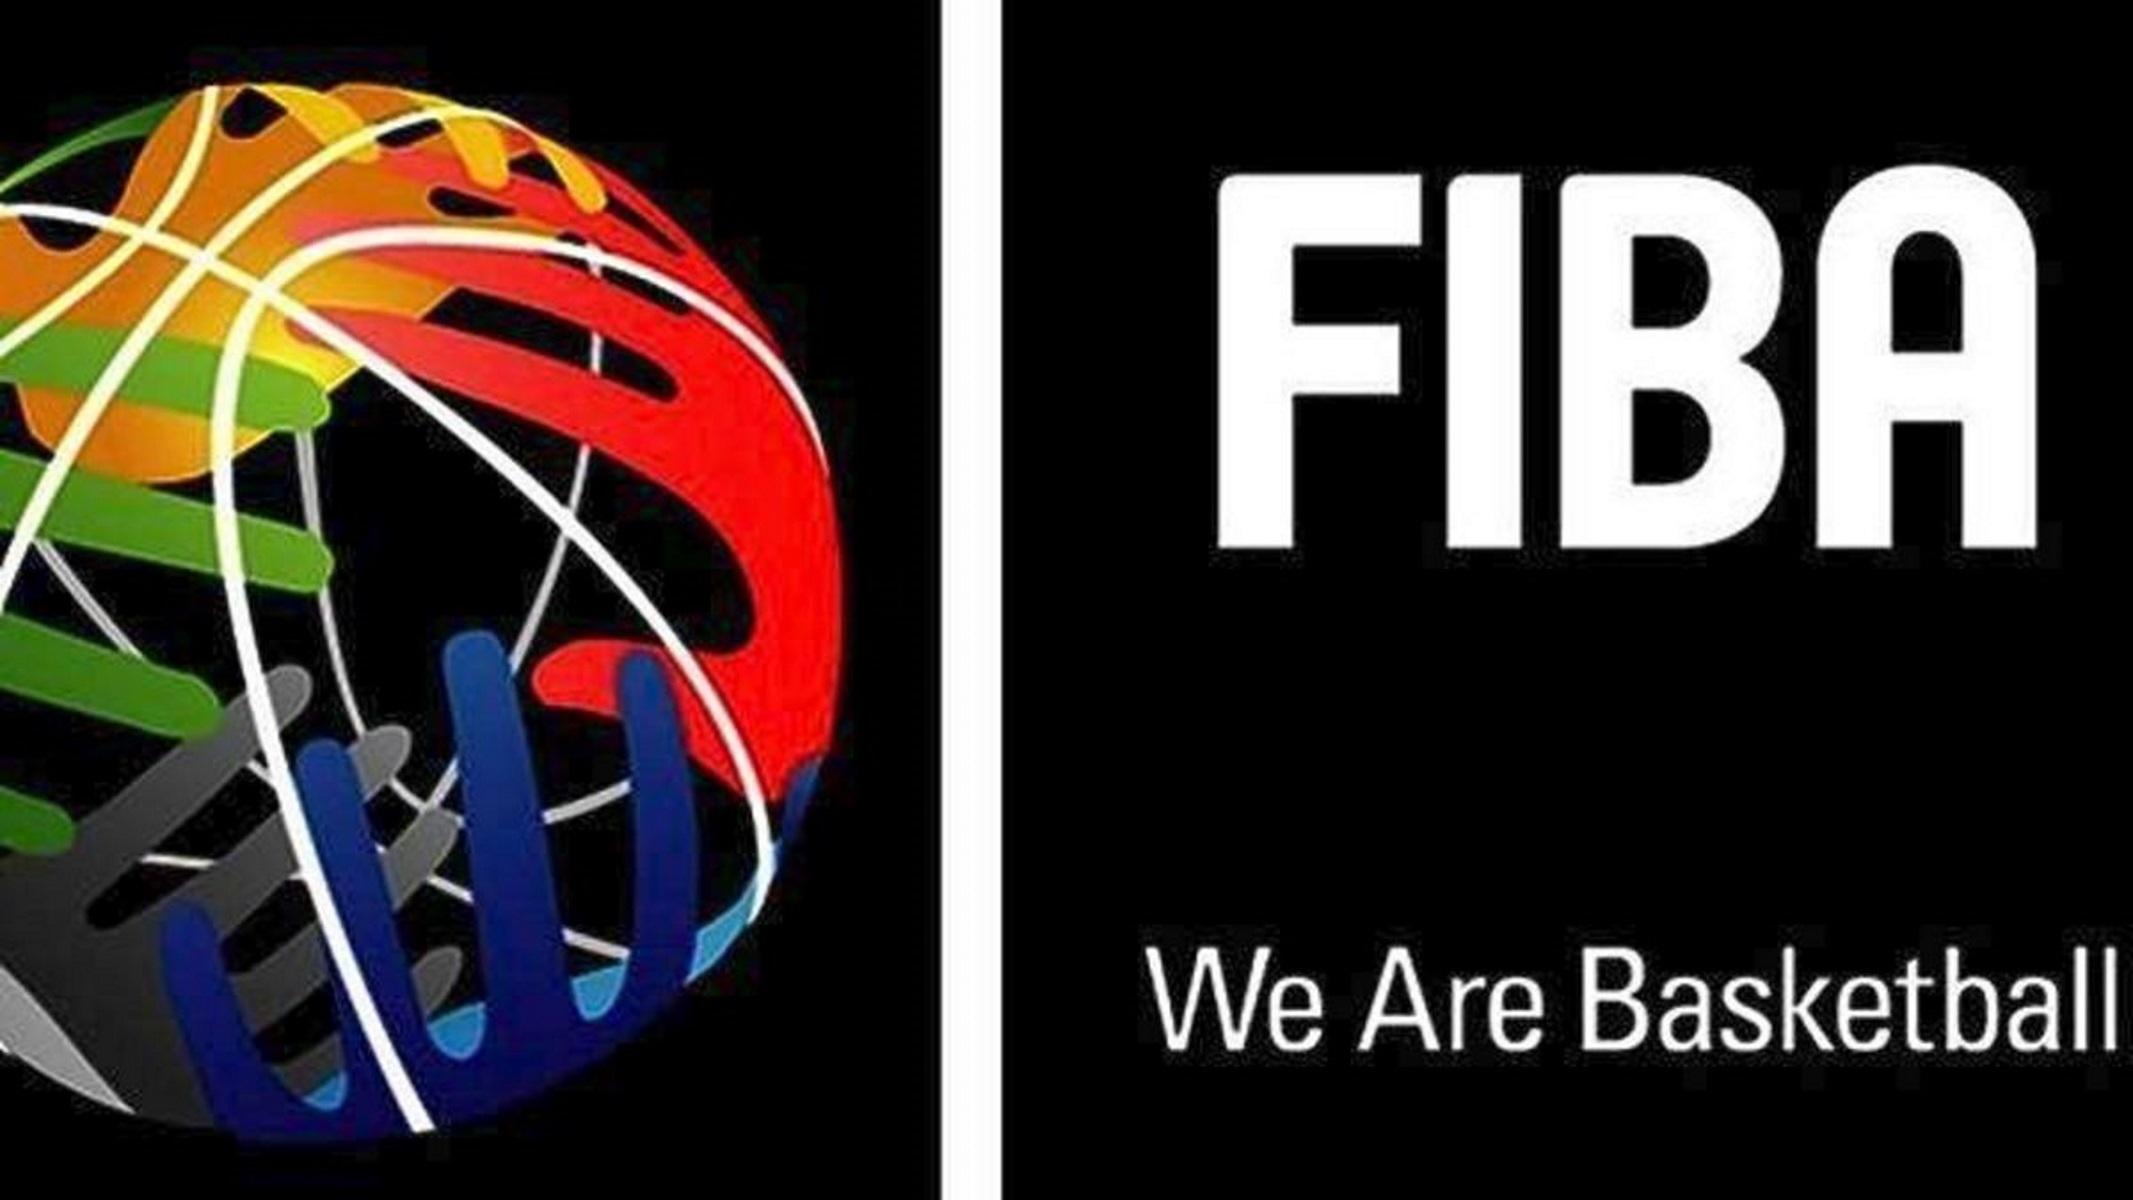 Κορονοϊός: H FIBA ανακοίνωσε την αναβολή όλων των διοργανώσεών της!